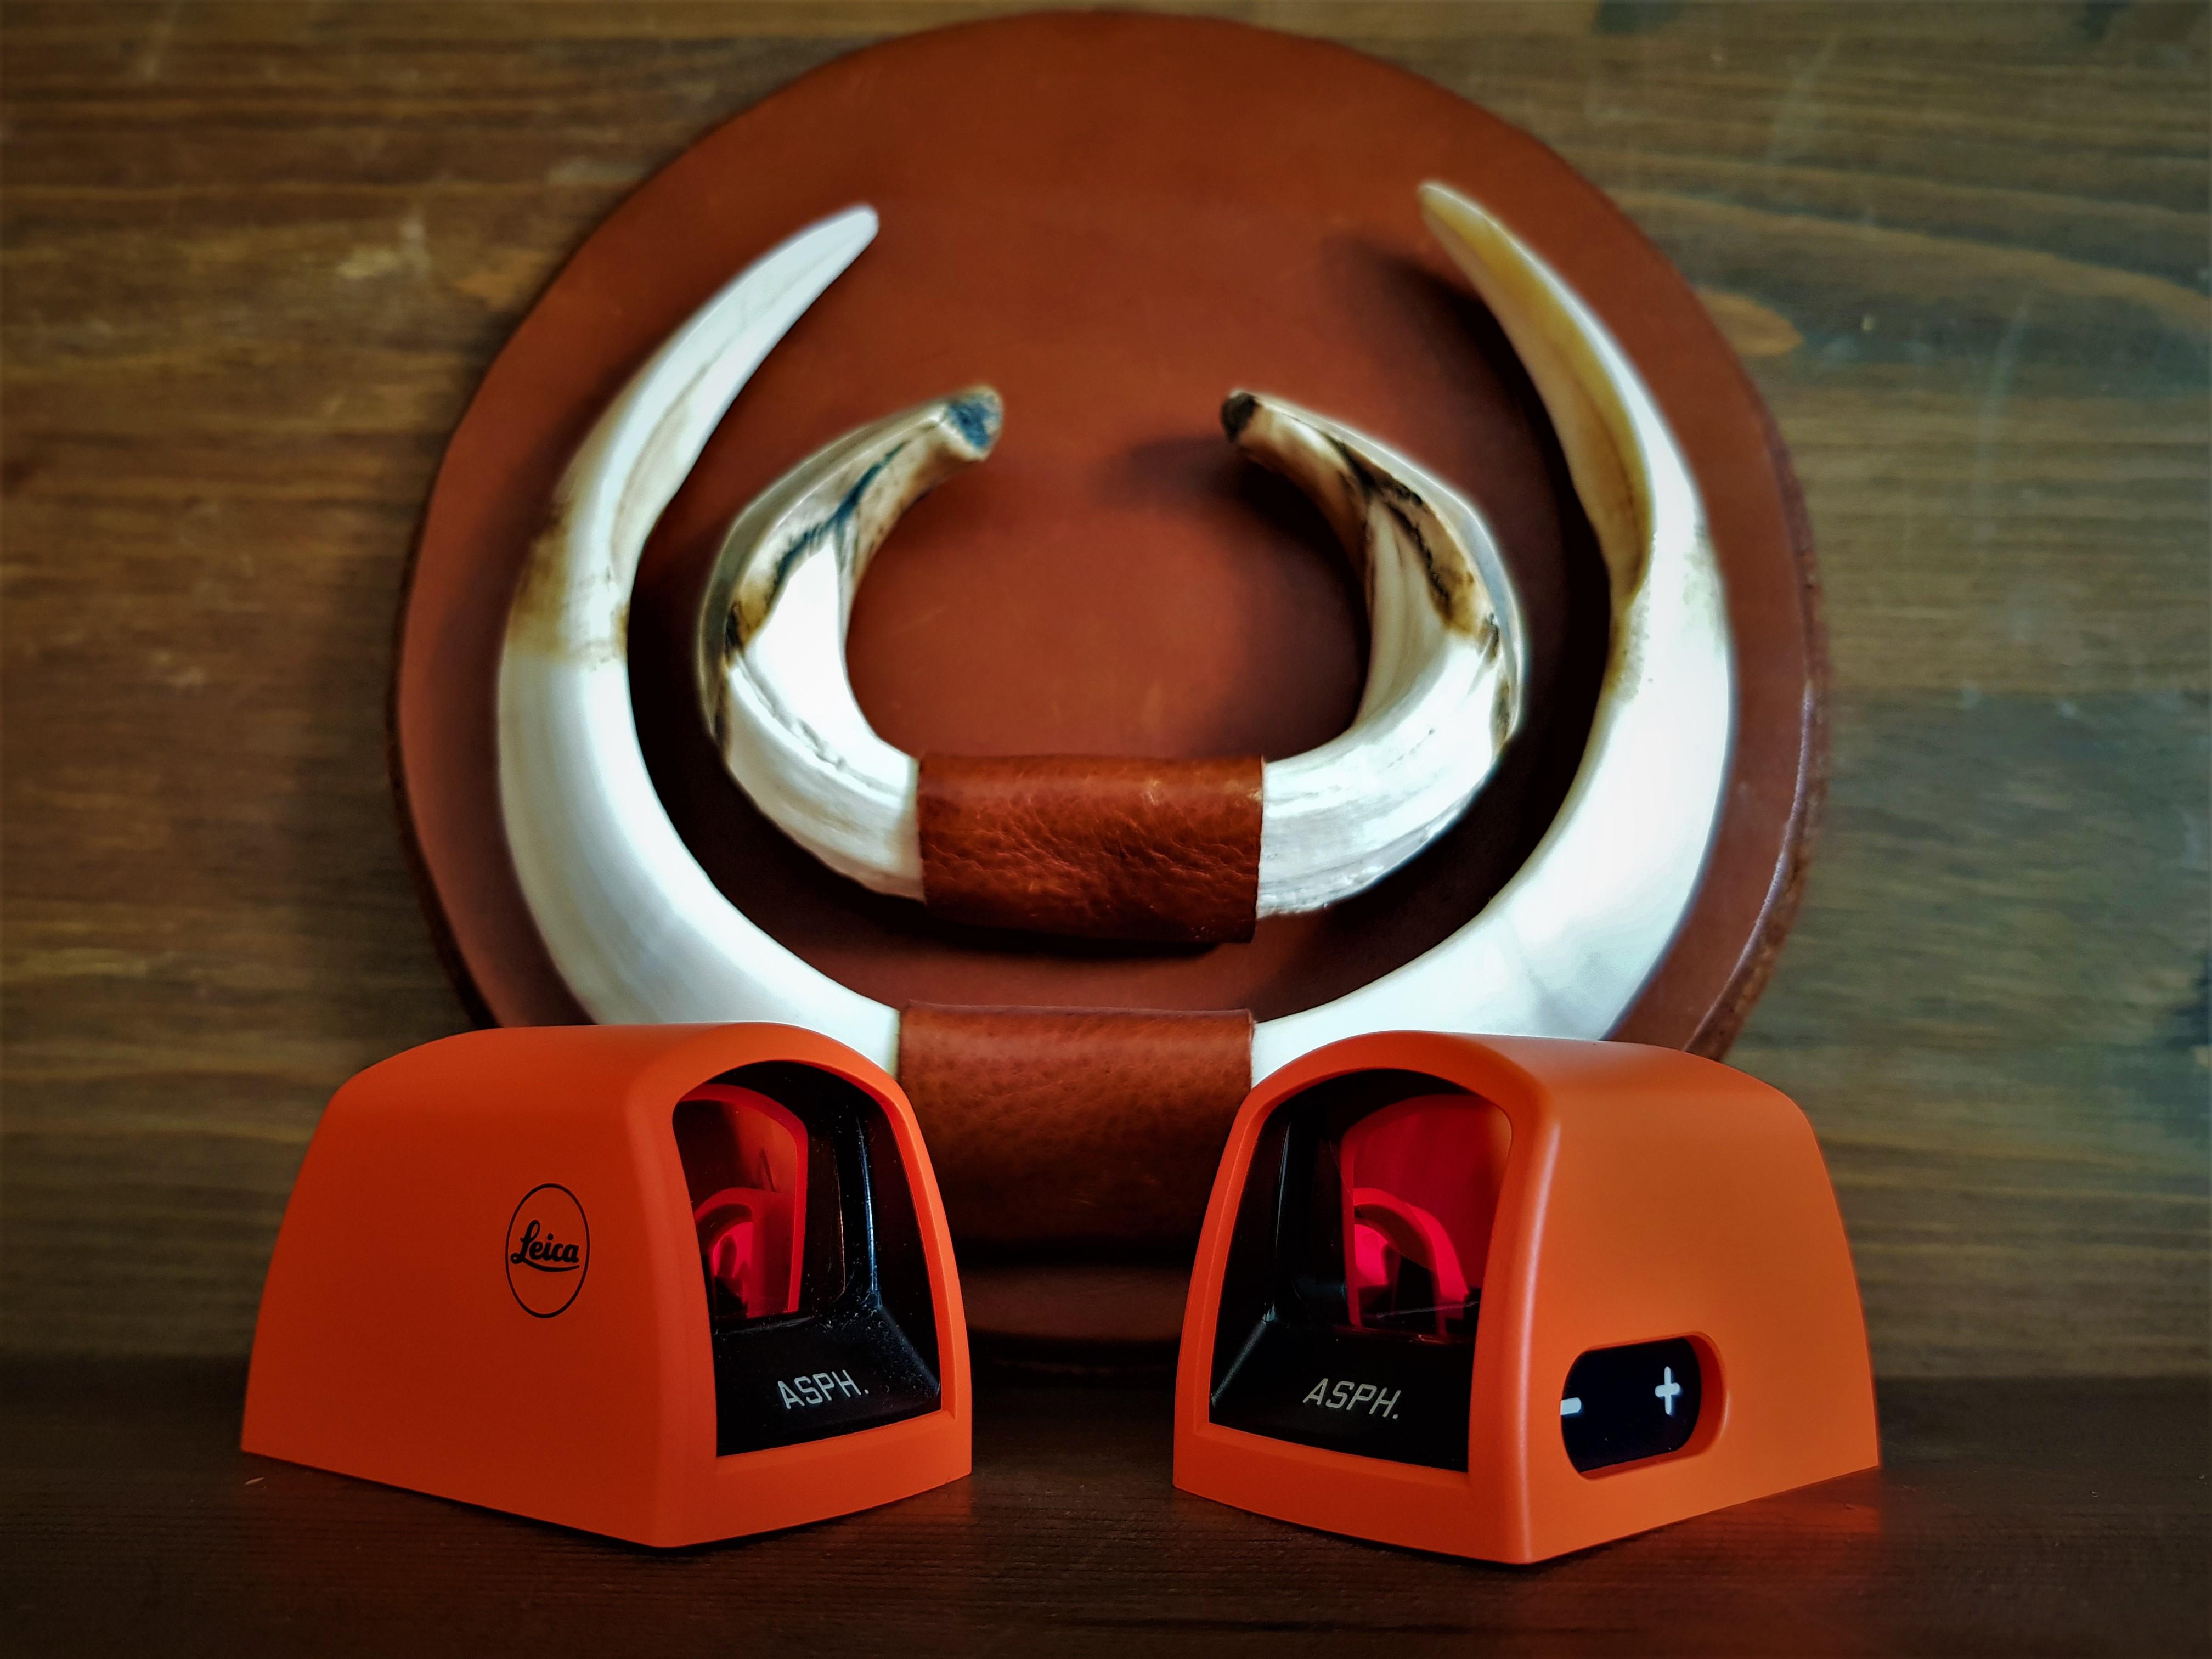 Orange Cap Leica Tempus ASPH cappuccio arancione